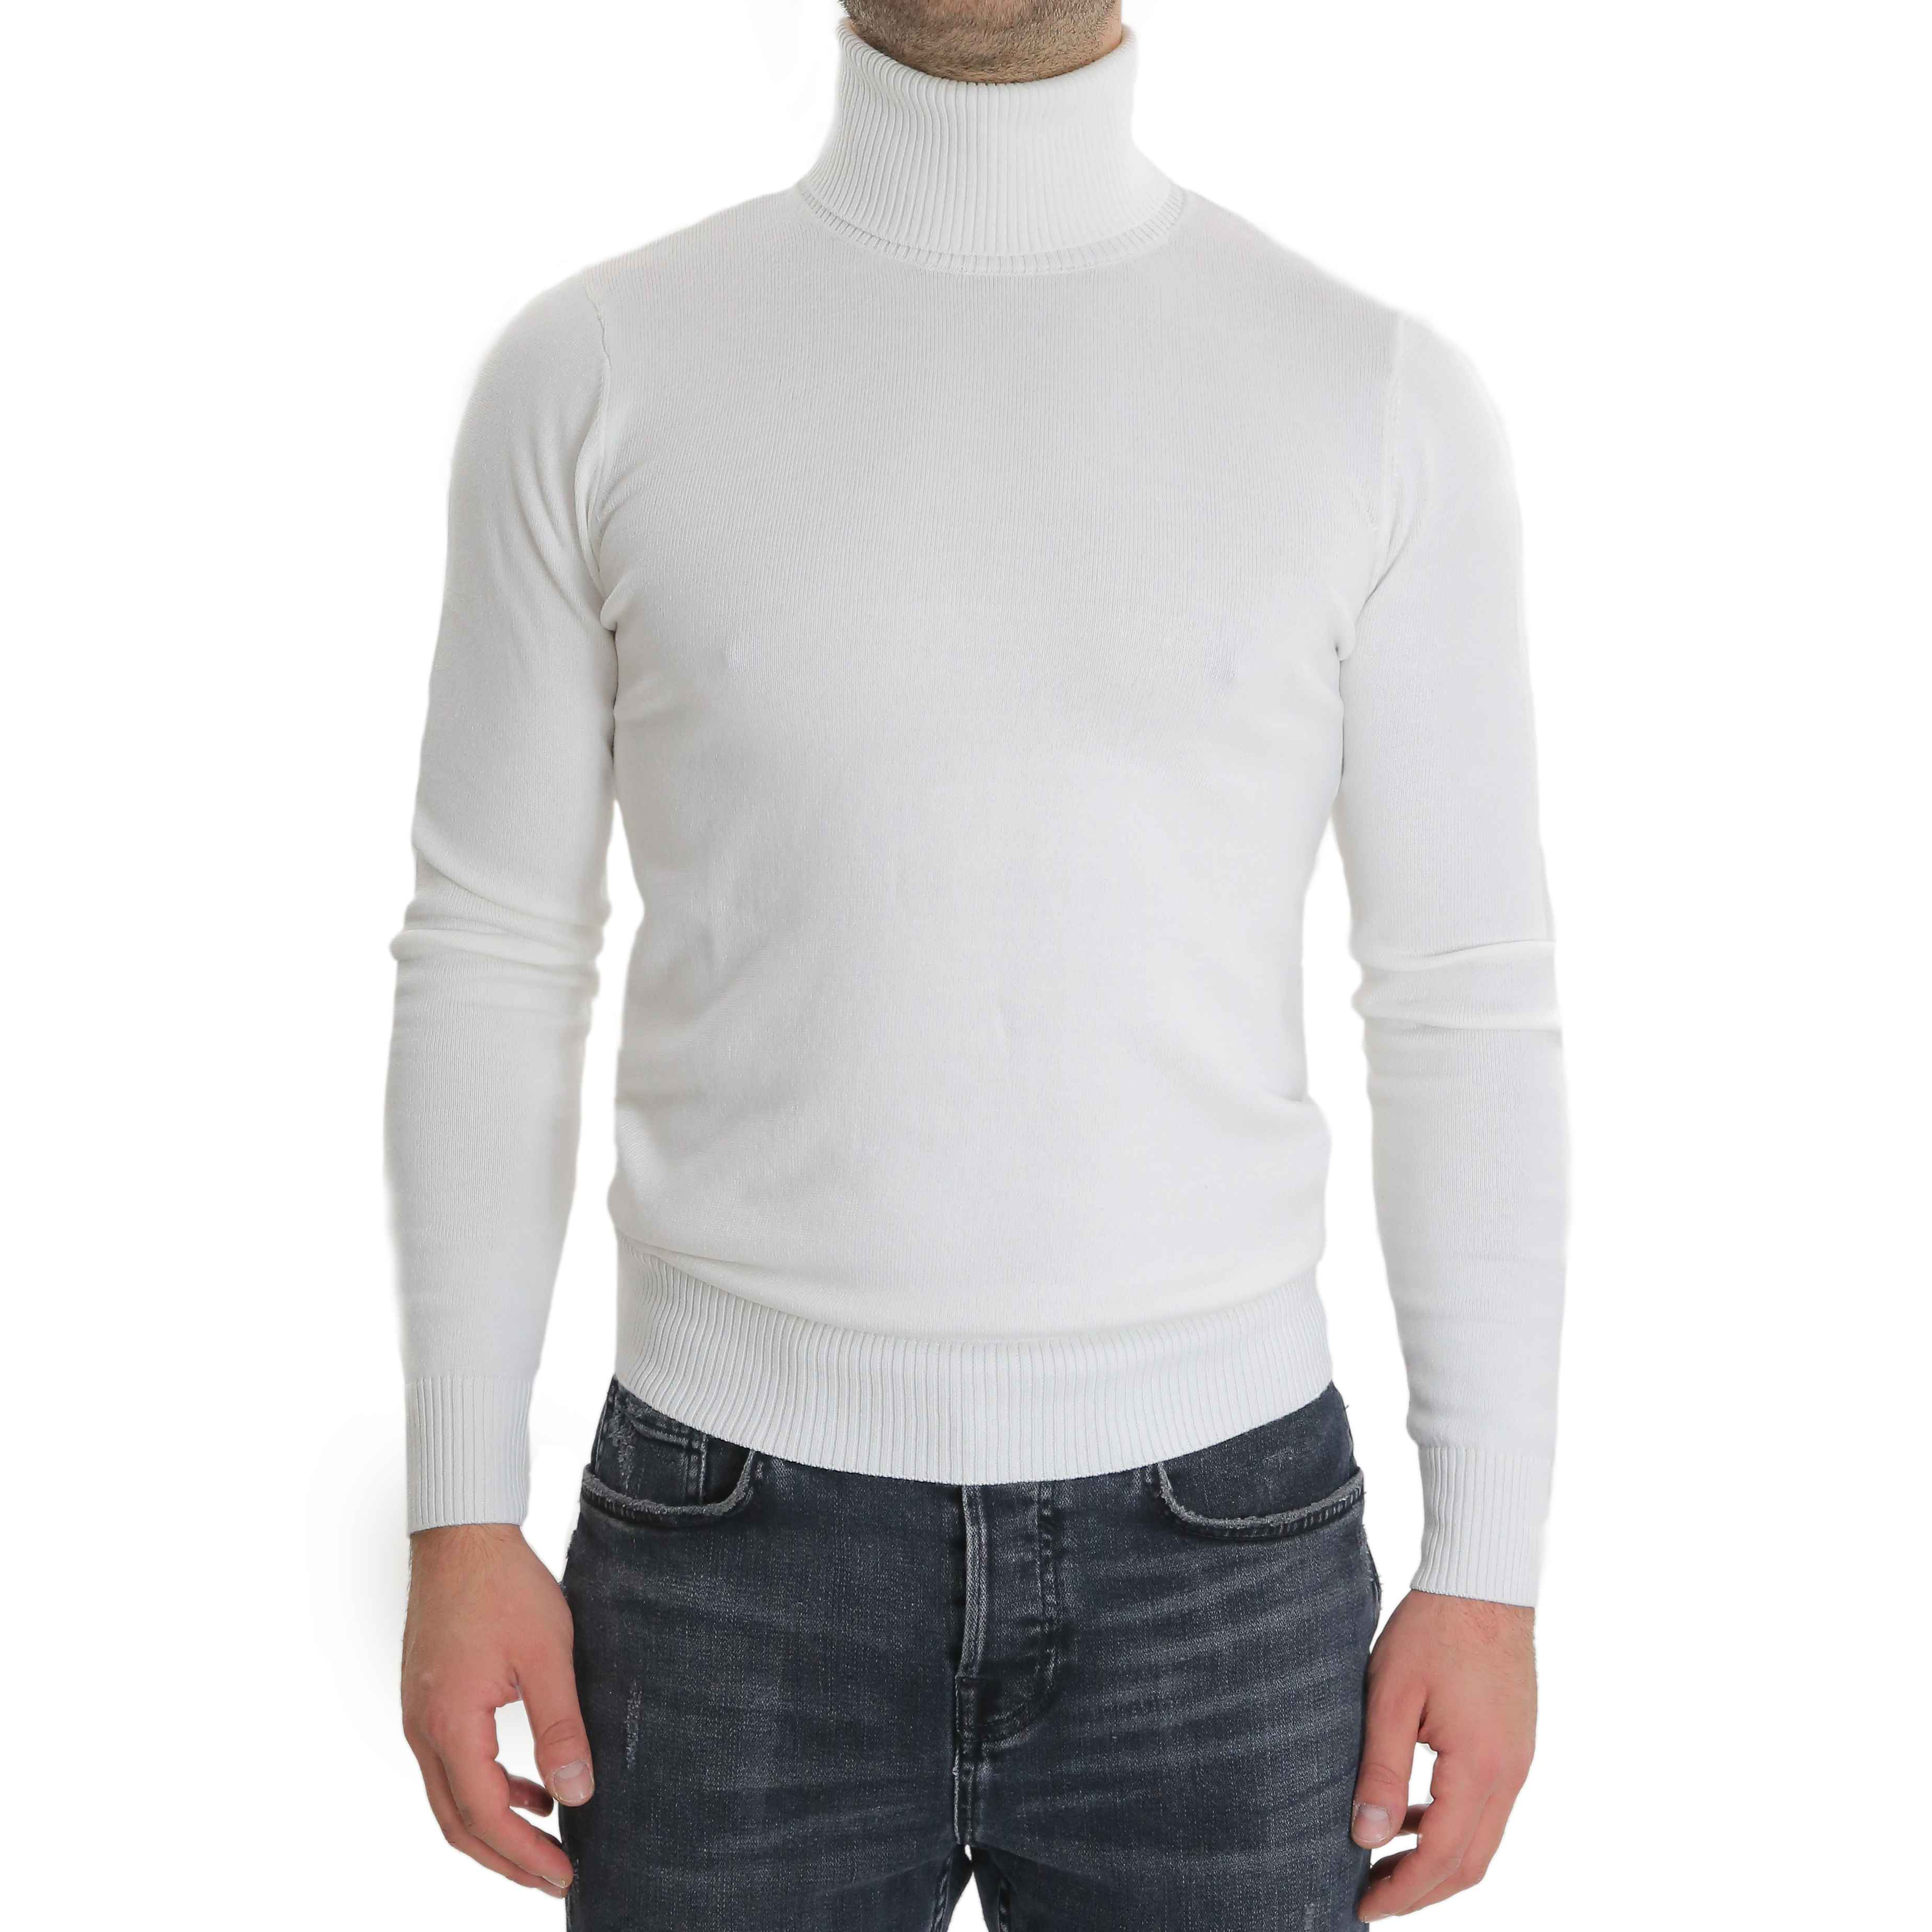 miglior servizio f2be5 5c3bd Dettagli su Maglione Uomo Collo Alto Bianco Slim Maglioncino Dolcevita  Lupetto Pullover